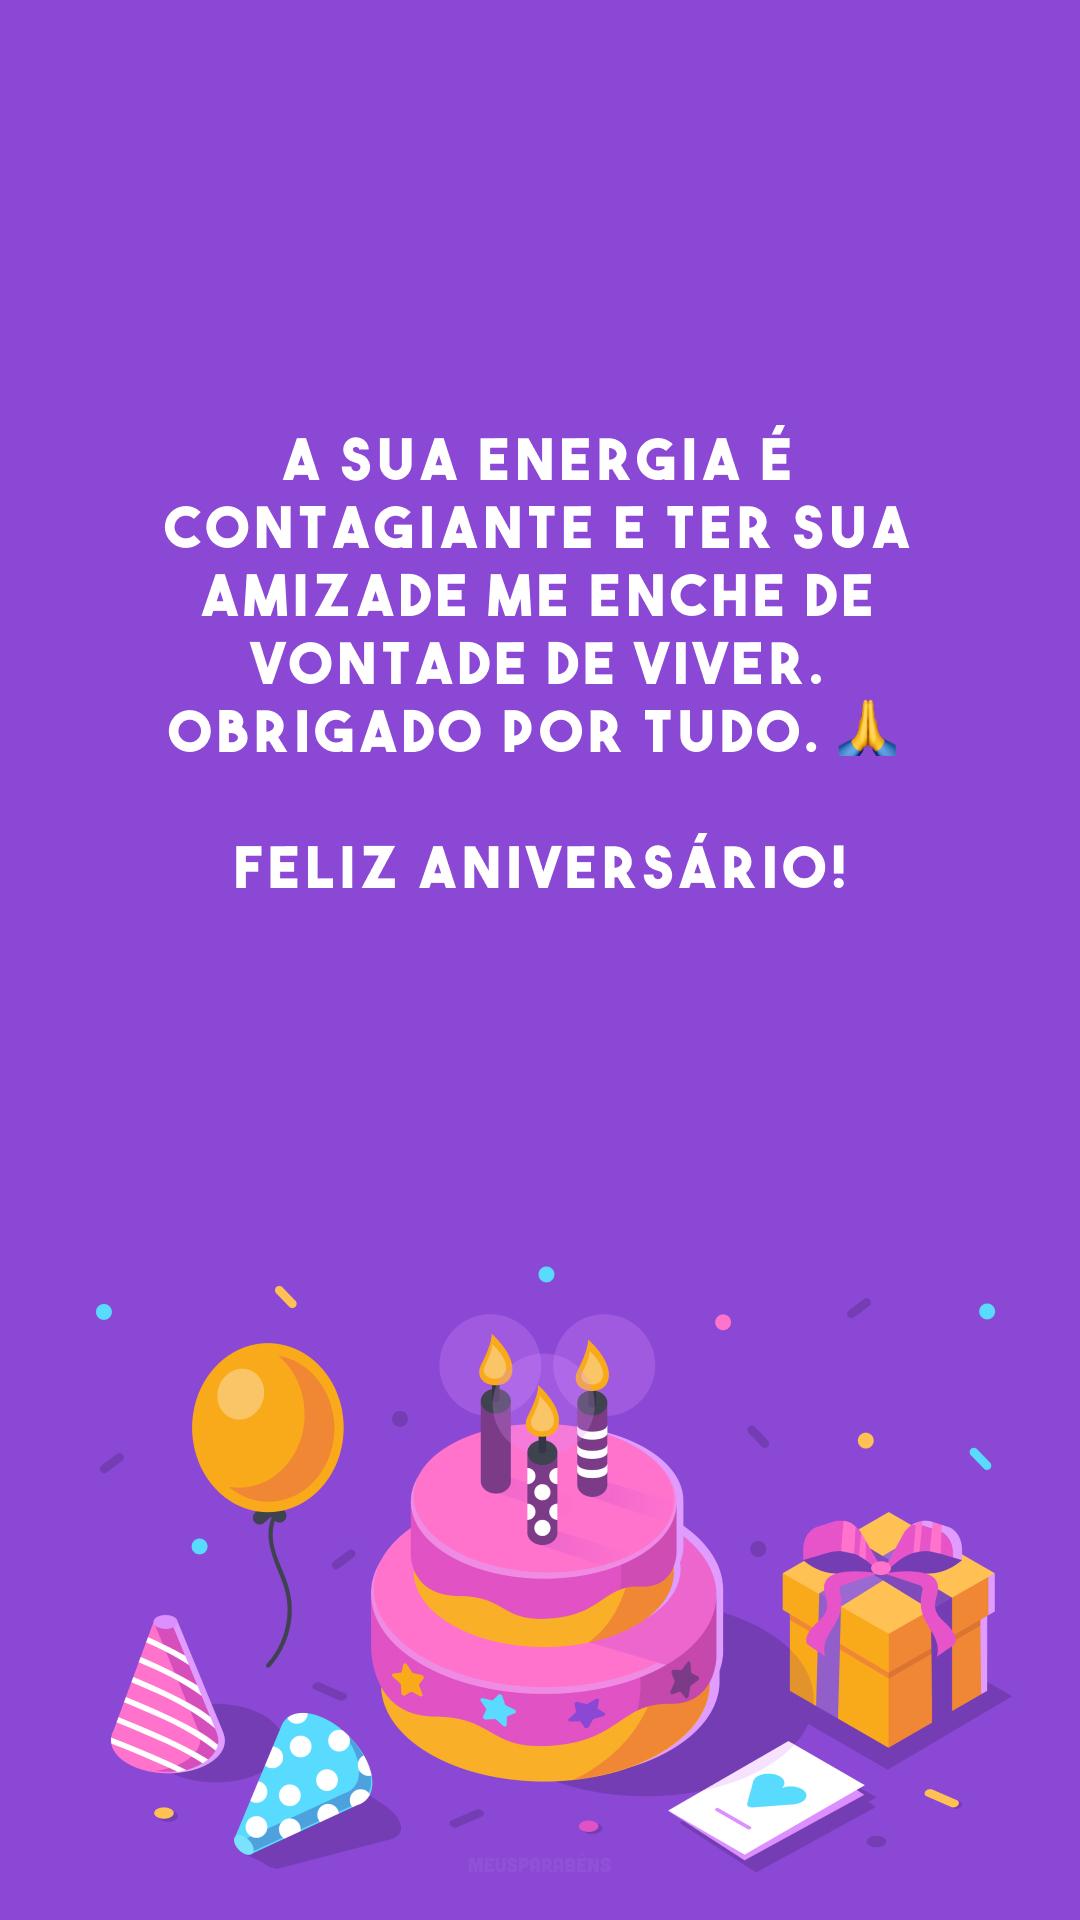 A sua energia é contagiante e ter sua amizade me enche de vontade de viver. Obrigado por tudo. 🙏 Feliz aniversário!